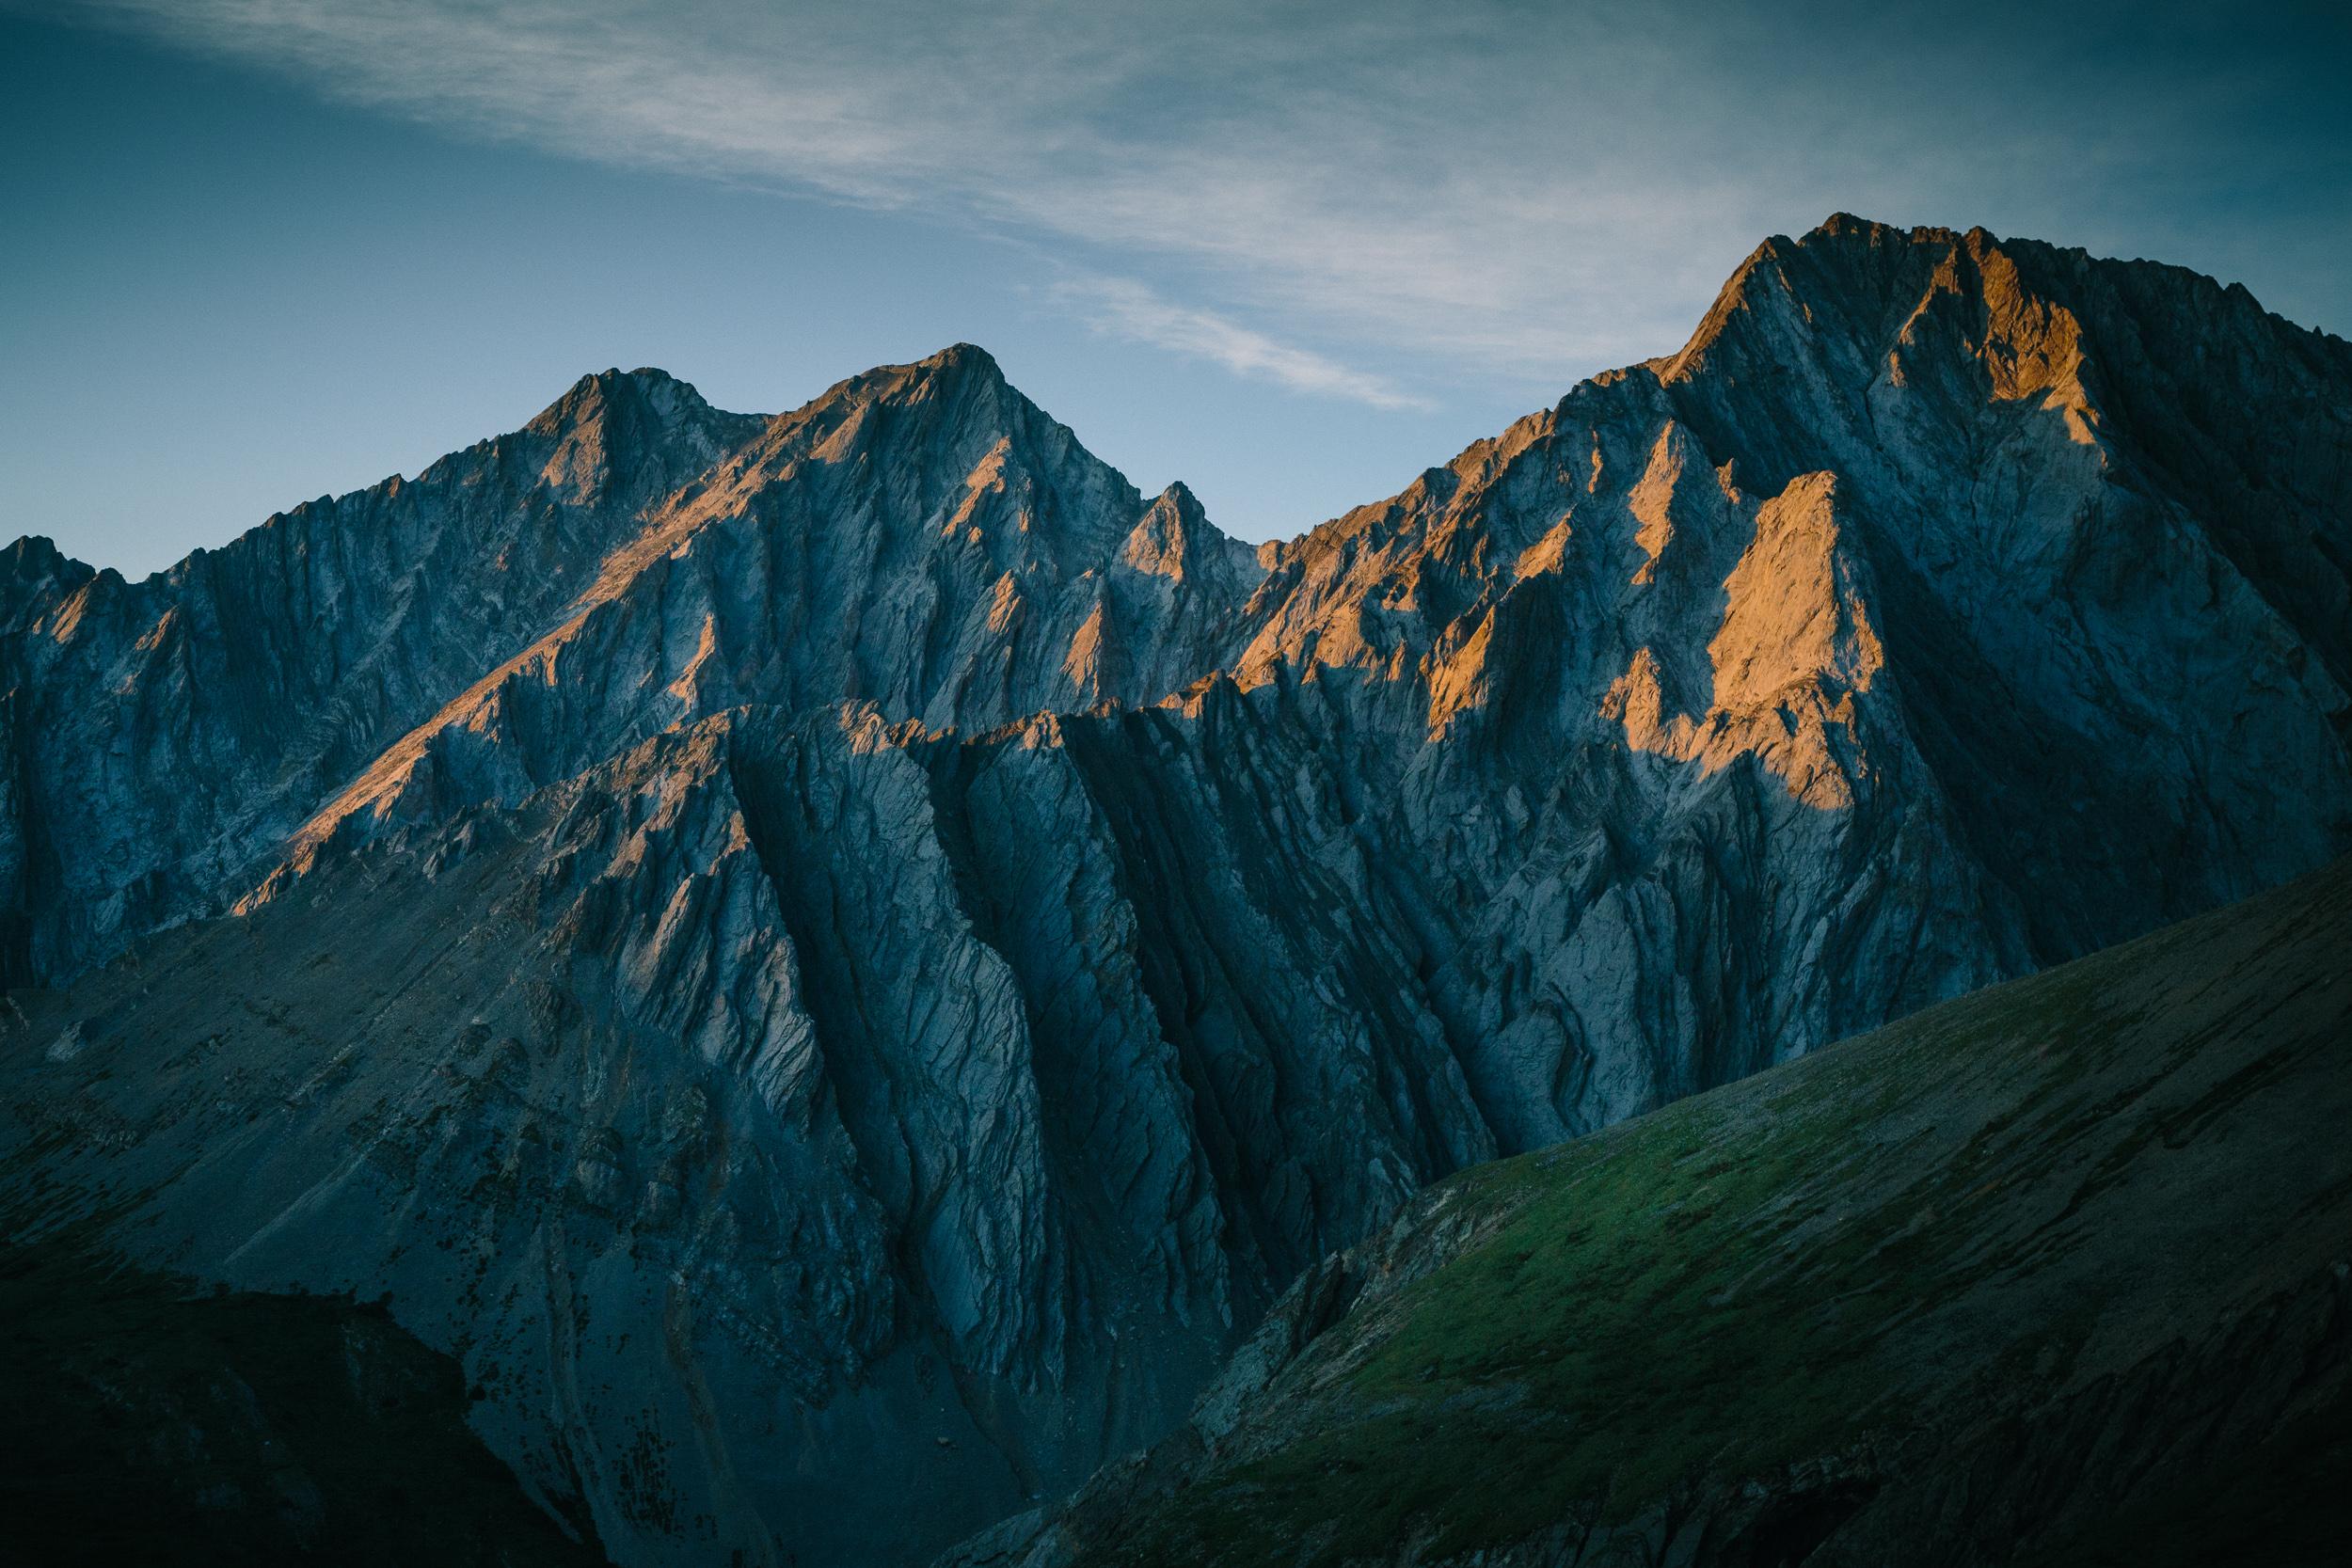 steve_seeley_grizzly_peak_alpenglow.jpg